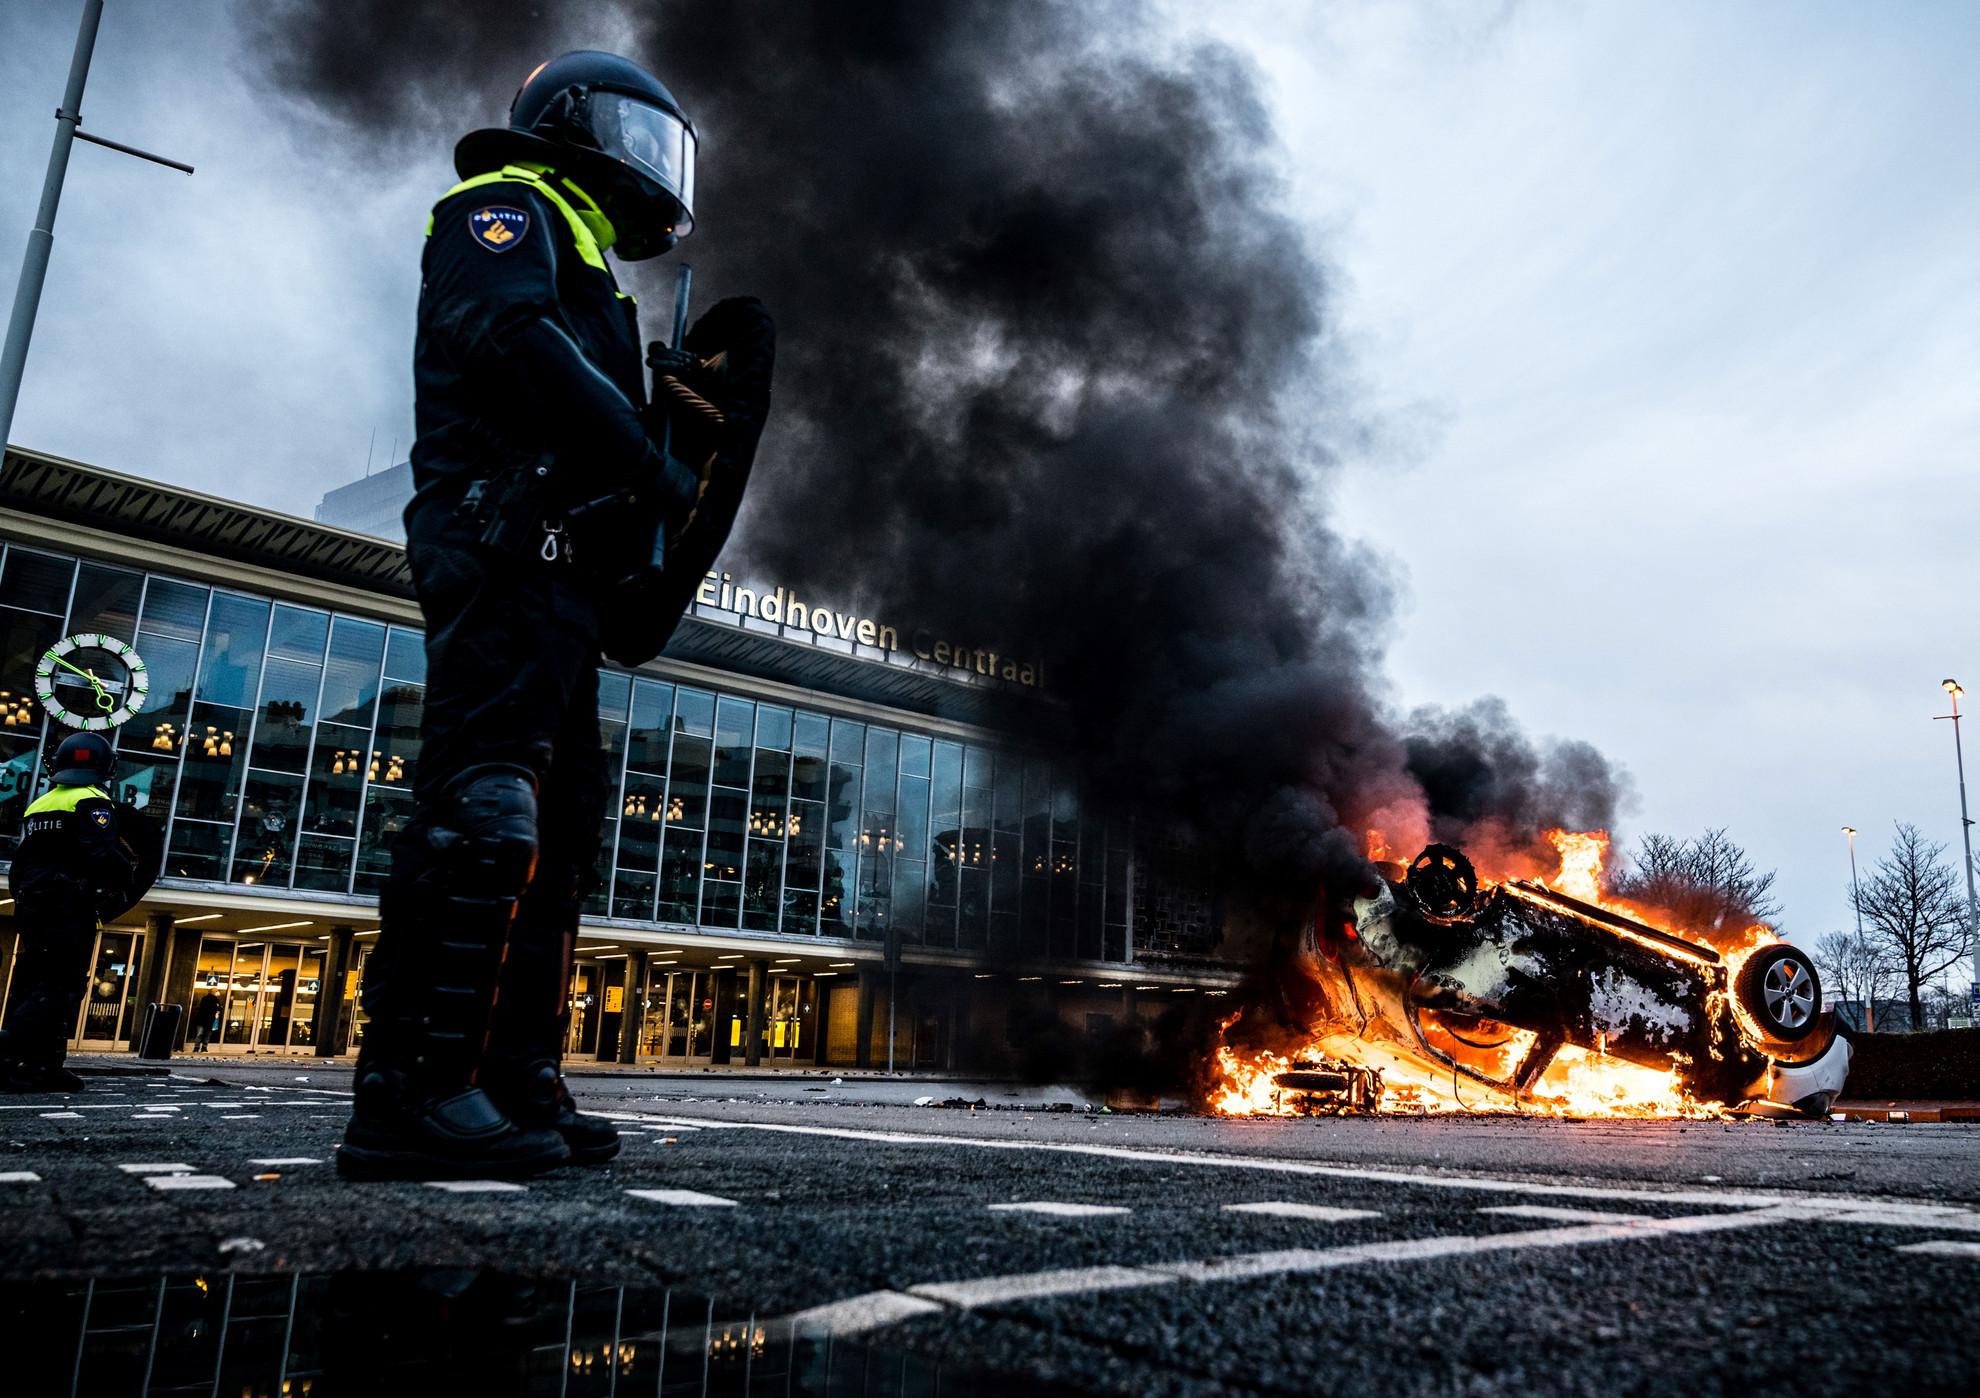 Zavargók gyújtottak fel egy kocsit az eindhoveni vasútállomásnál